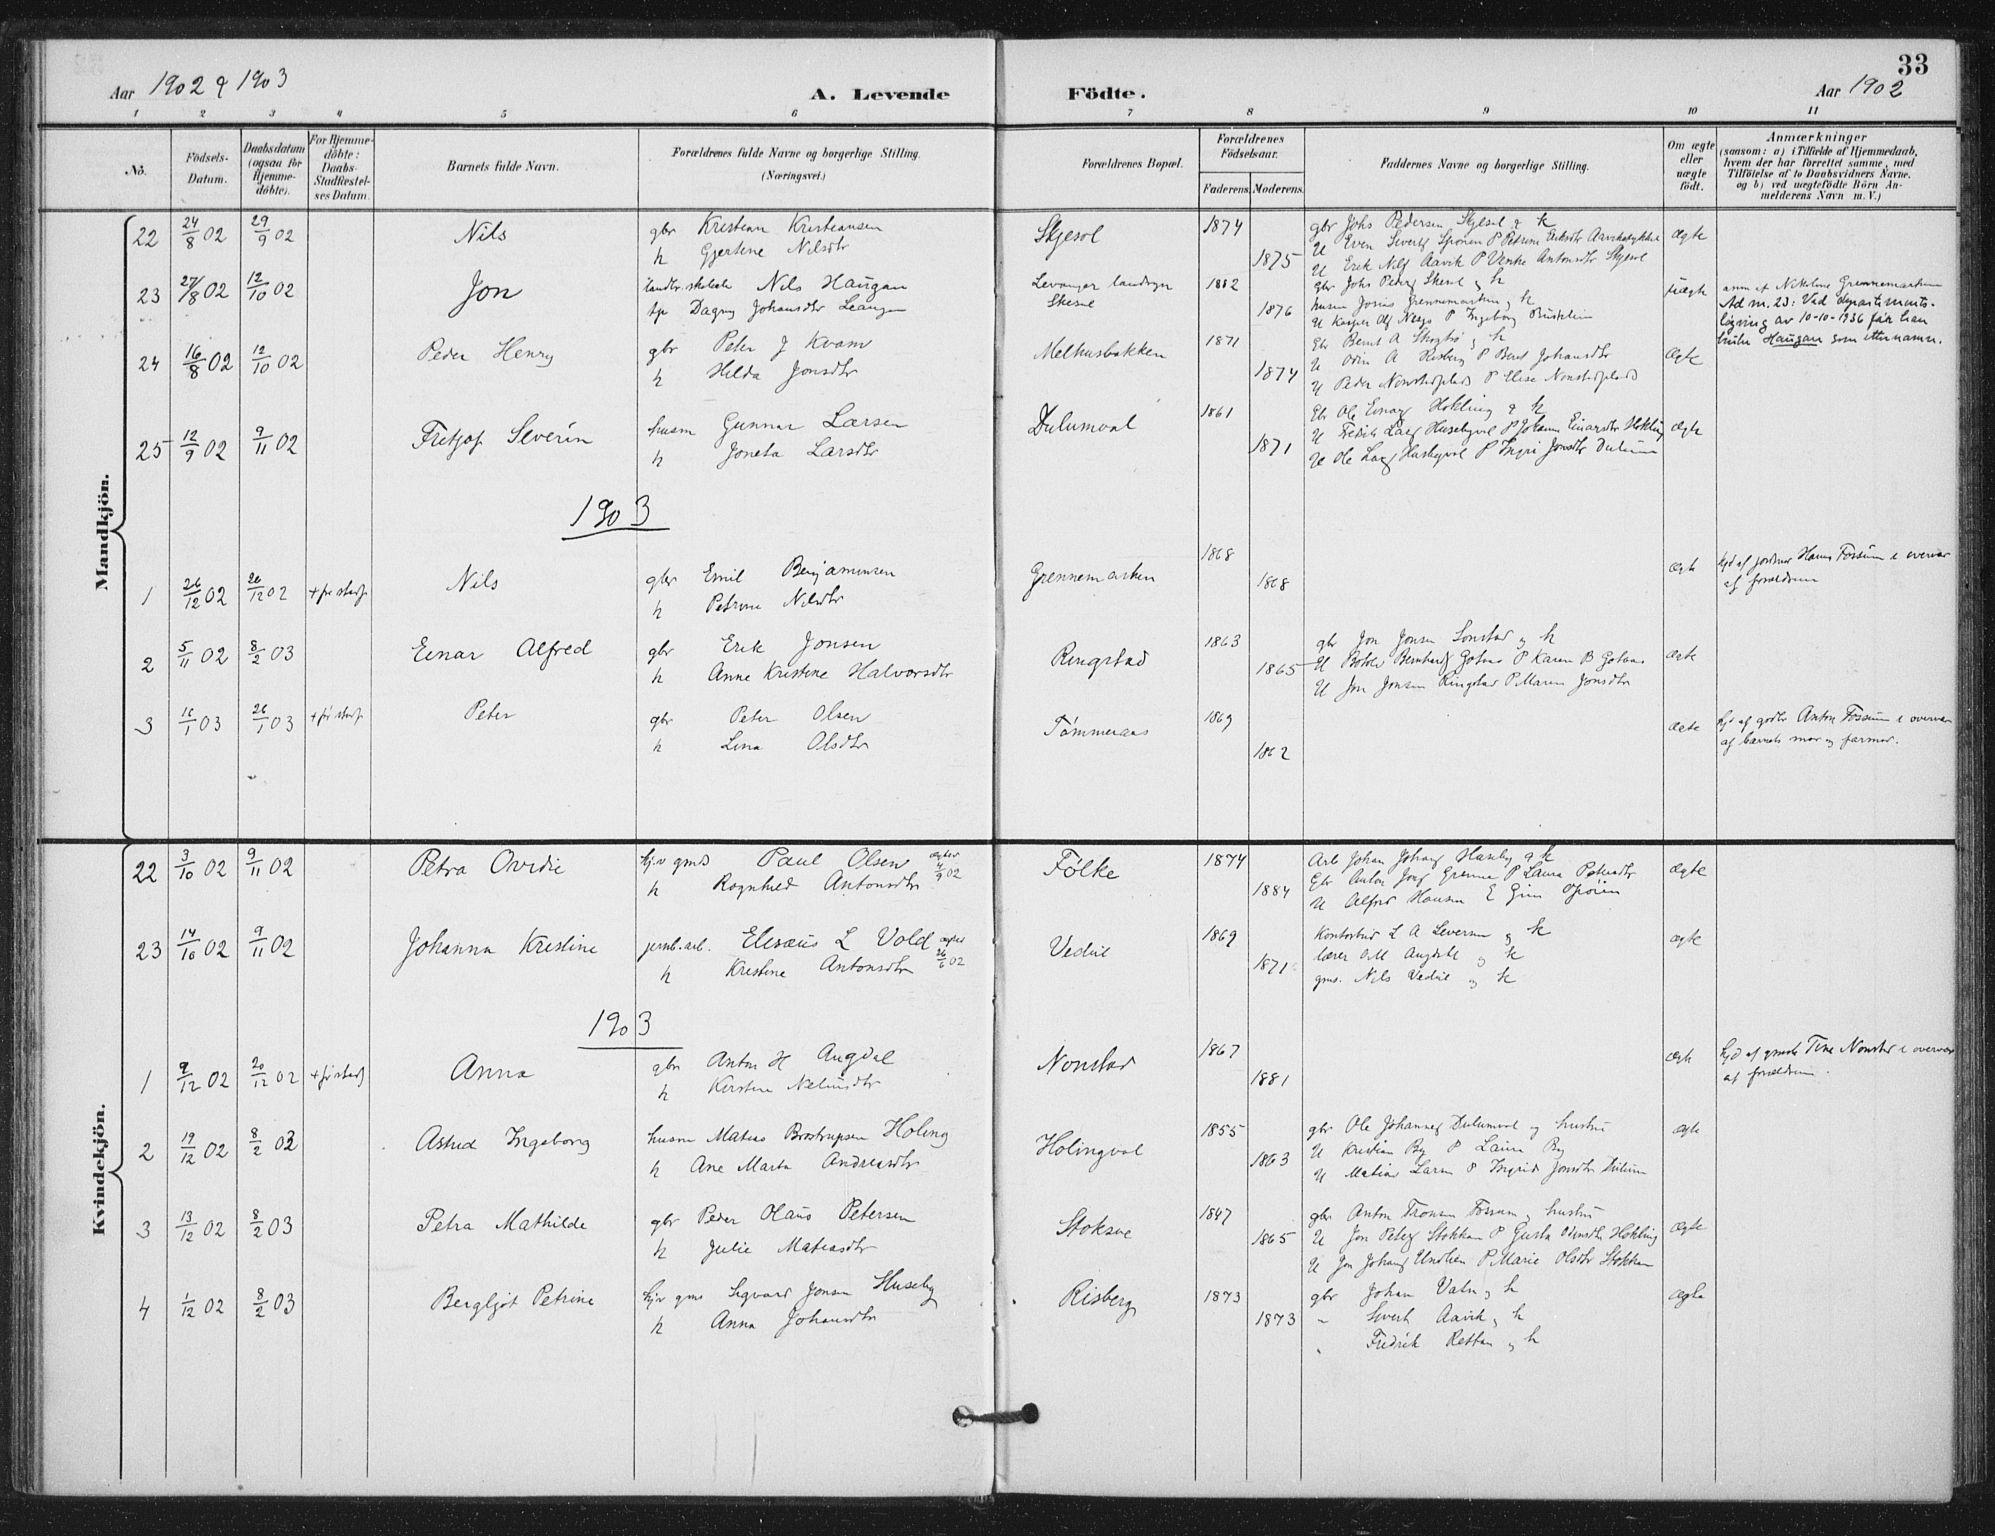 SAT, Ministerialprotokoller, klokkerbøker og fødselsregistre - Nord-Trøndelag, 714/L0131: Ministerialbok nr. 714A02, 1896-1918, s. 33